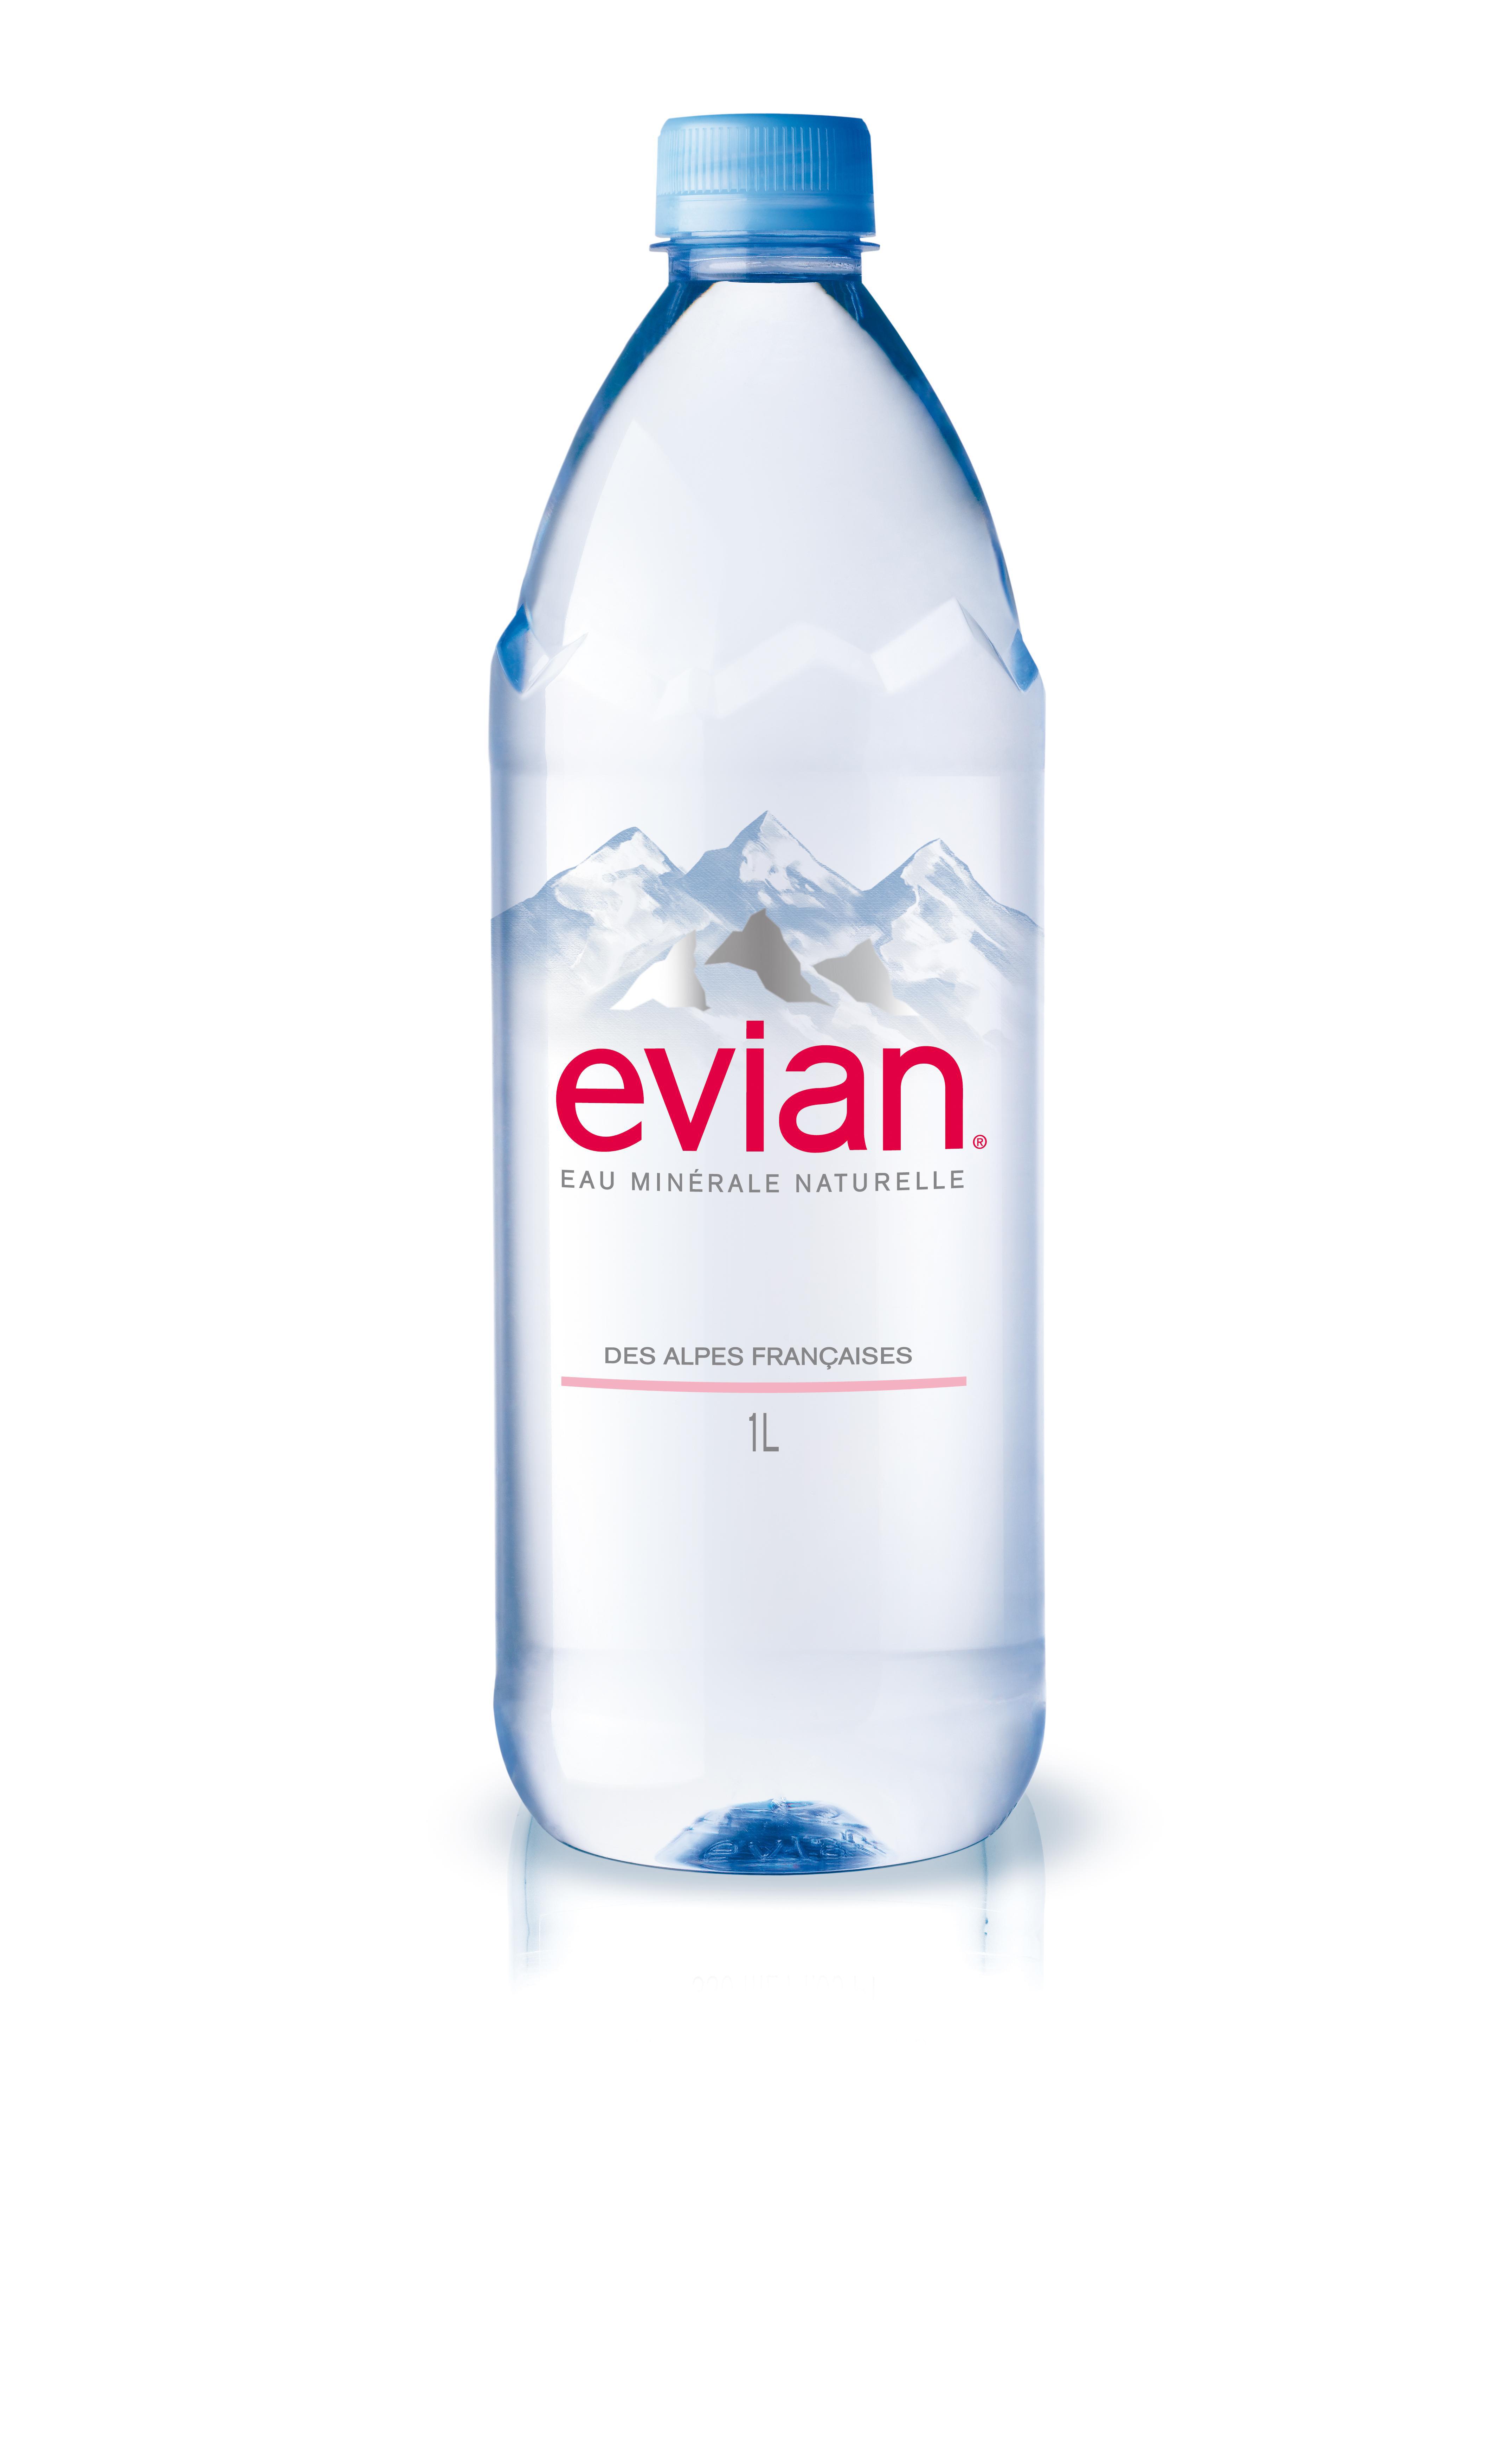 Evian en beaut chez monoprix emballage - Collection bouteille evian ...